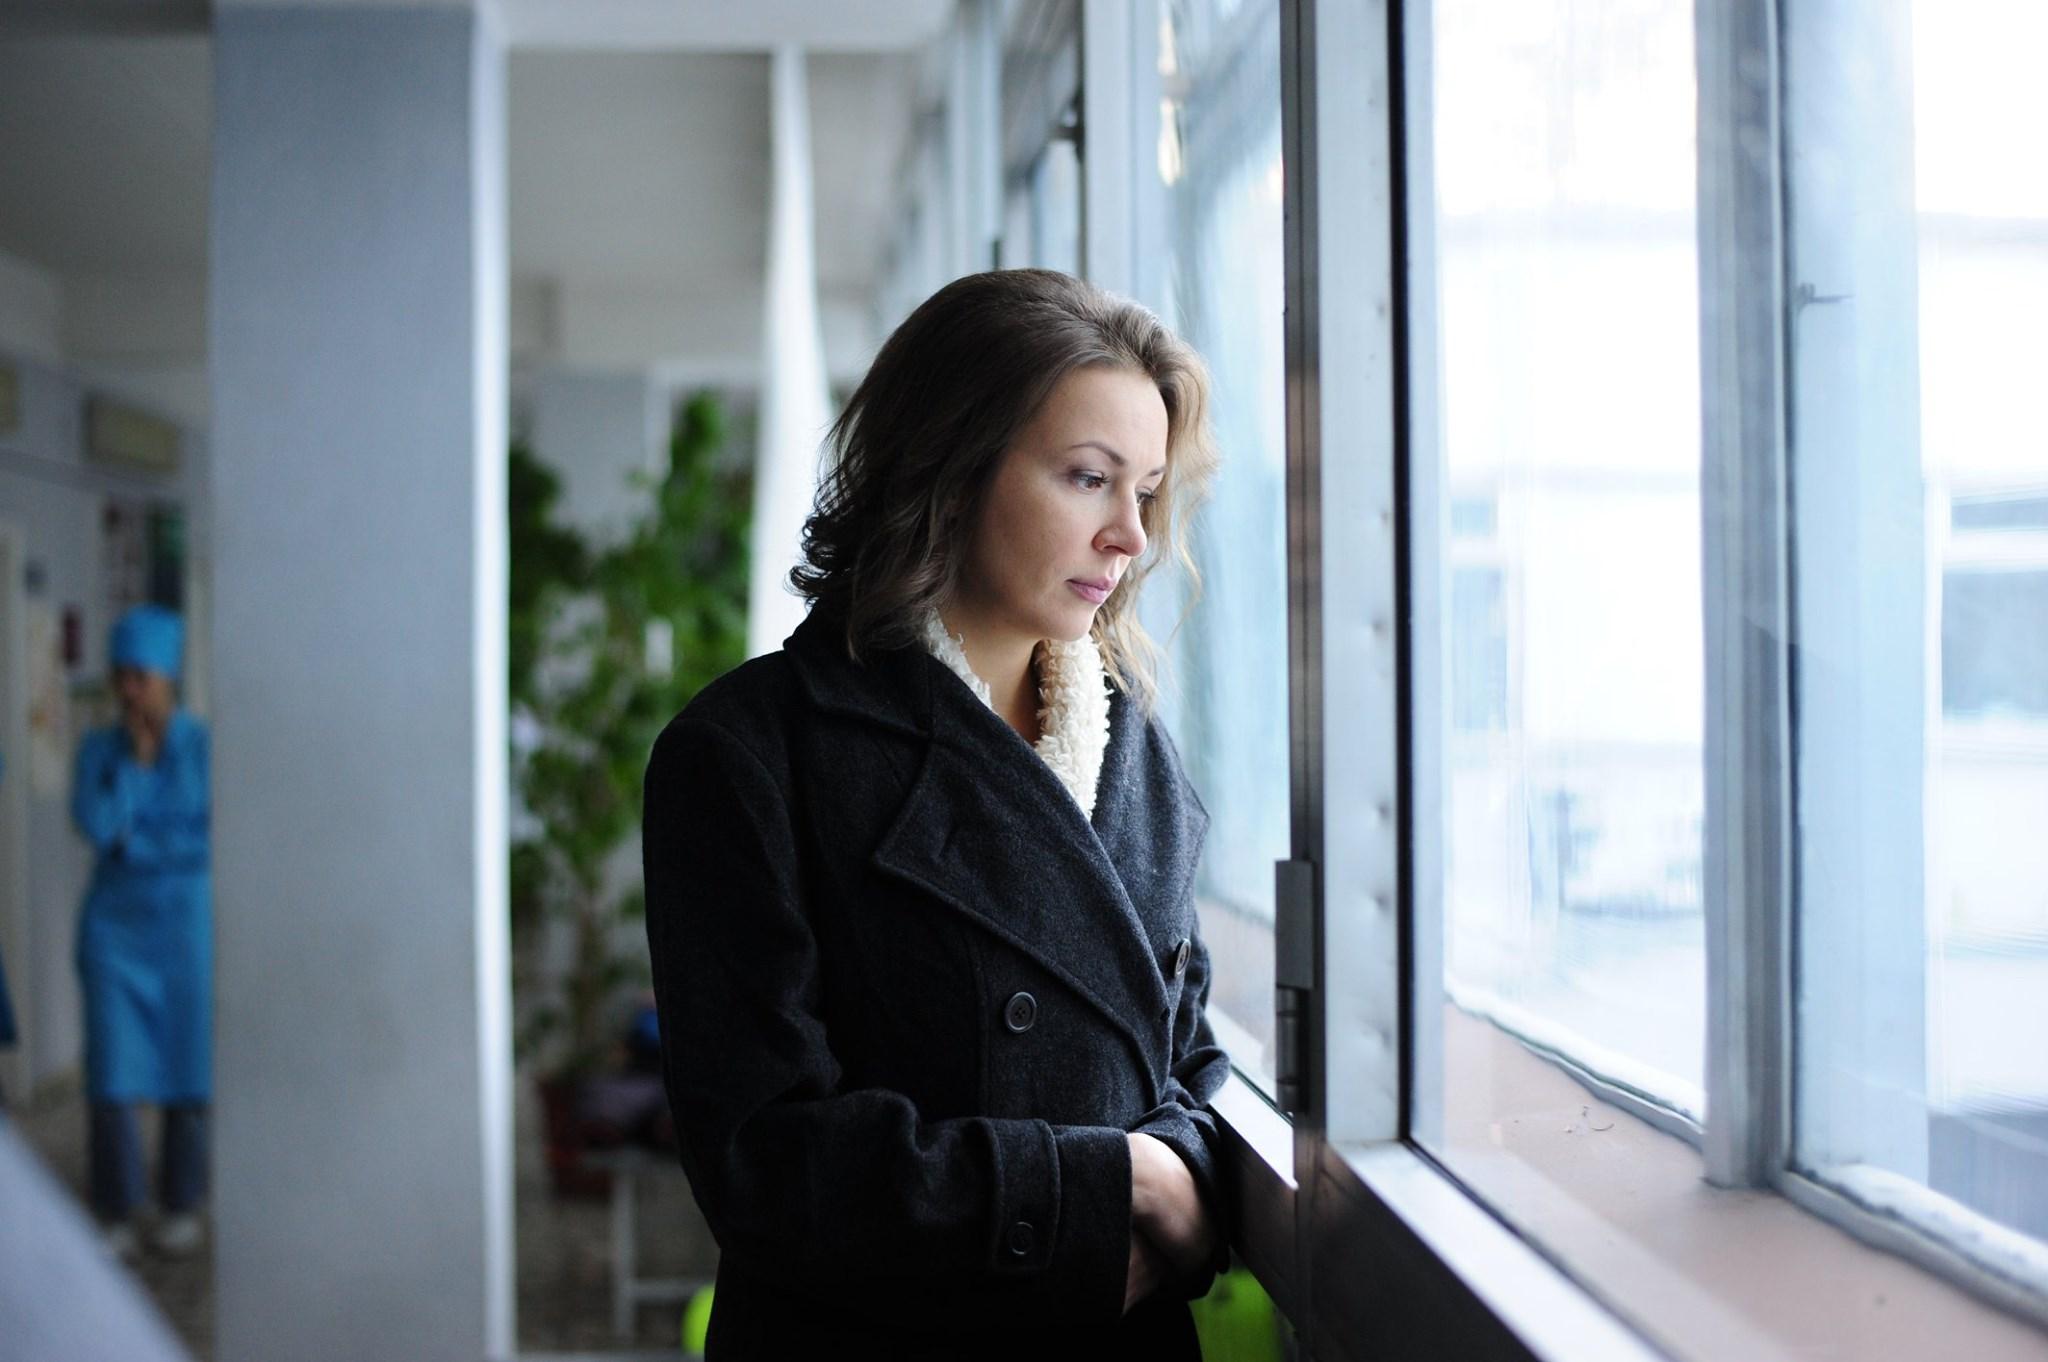 «Фільмстрім» знімає для каналу «Україна» мінісеріал «Наша лікарка»